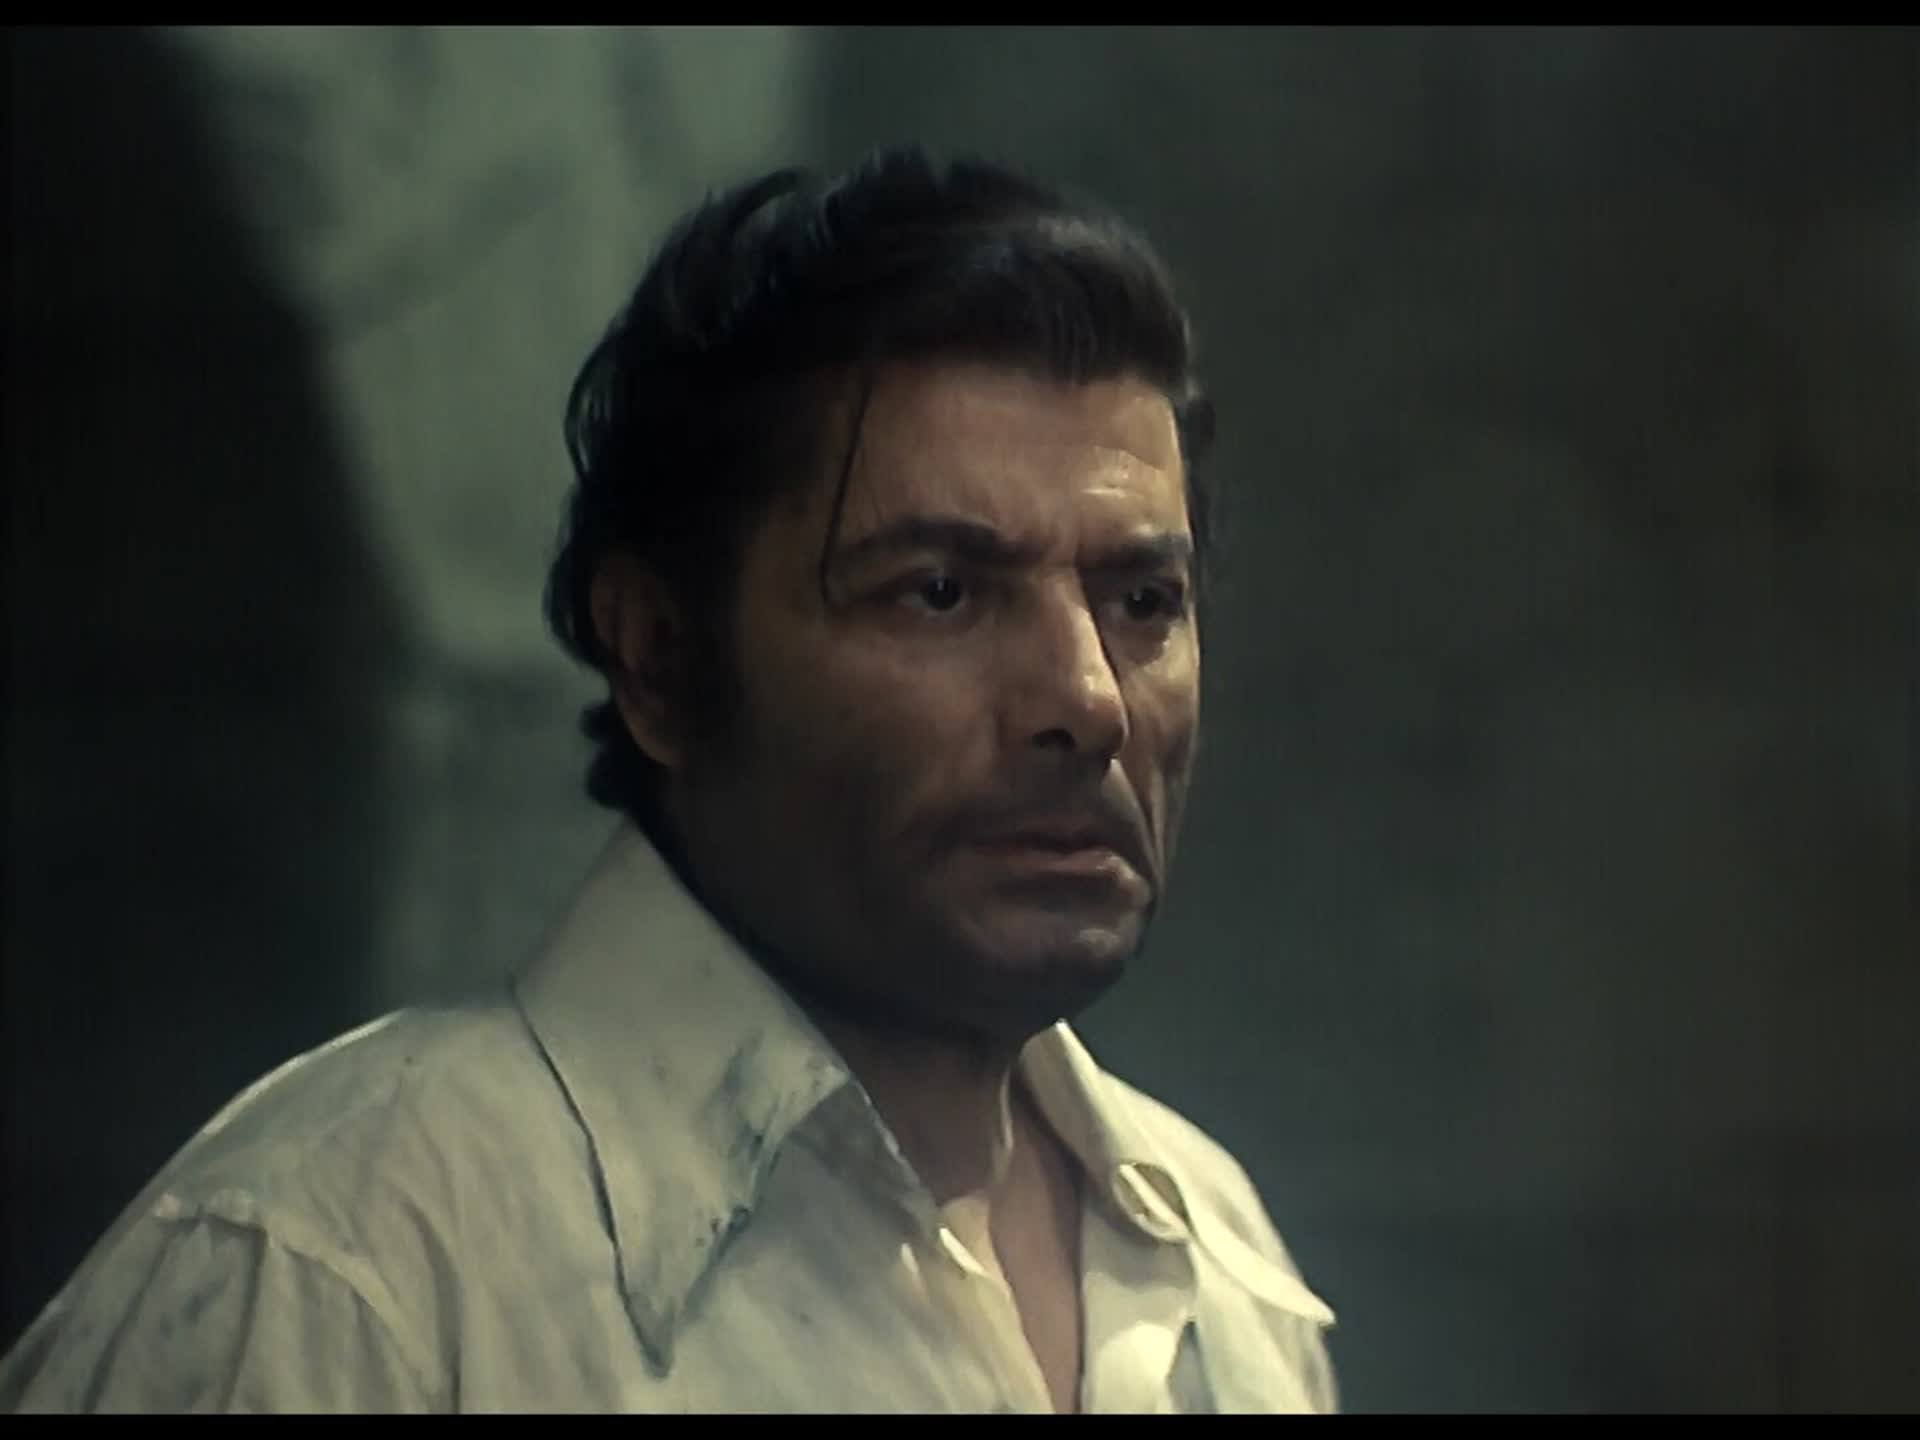 [فيلم][تورنت][تحميل][وراء الشمس][1978][1080p][Web-DL] 9 arabp2p.com